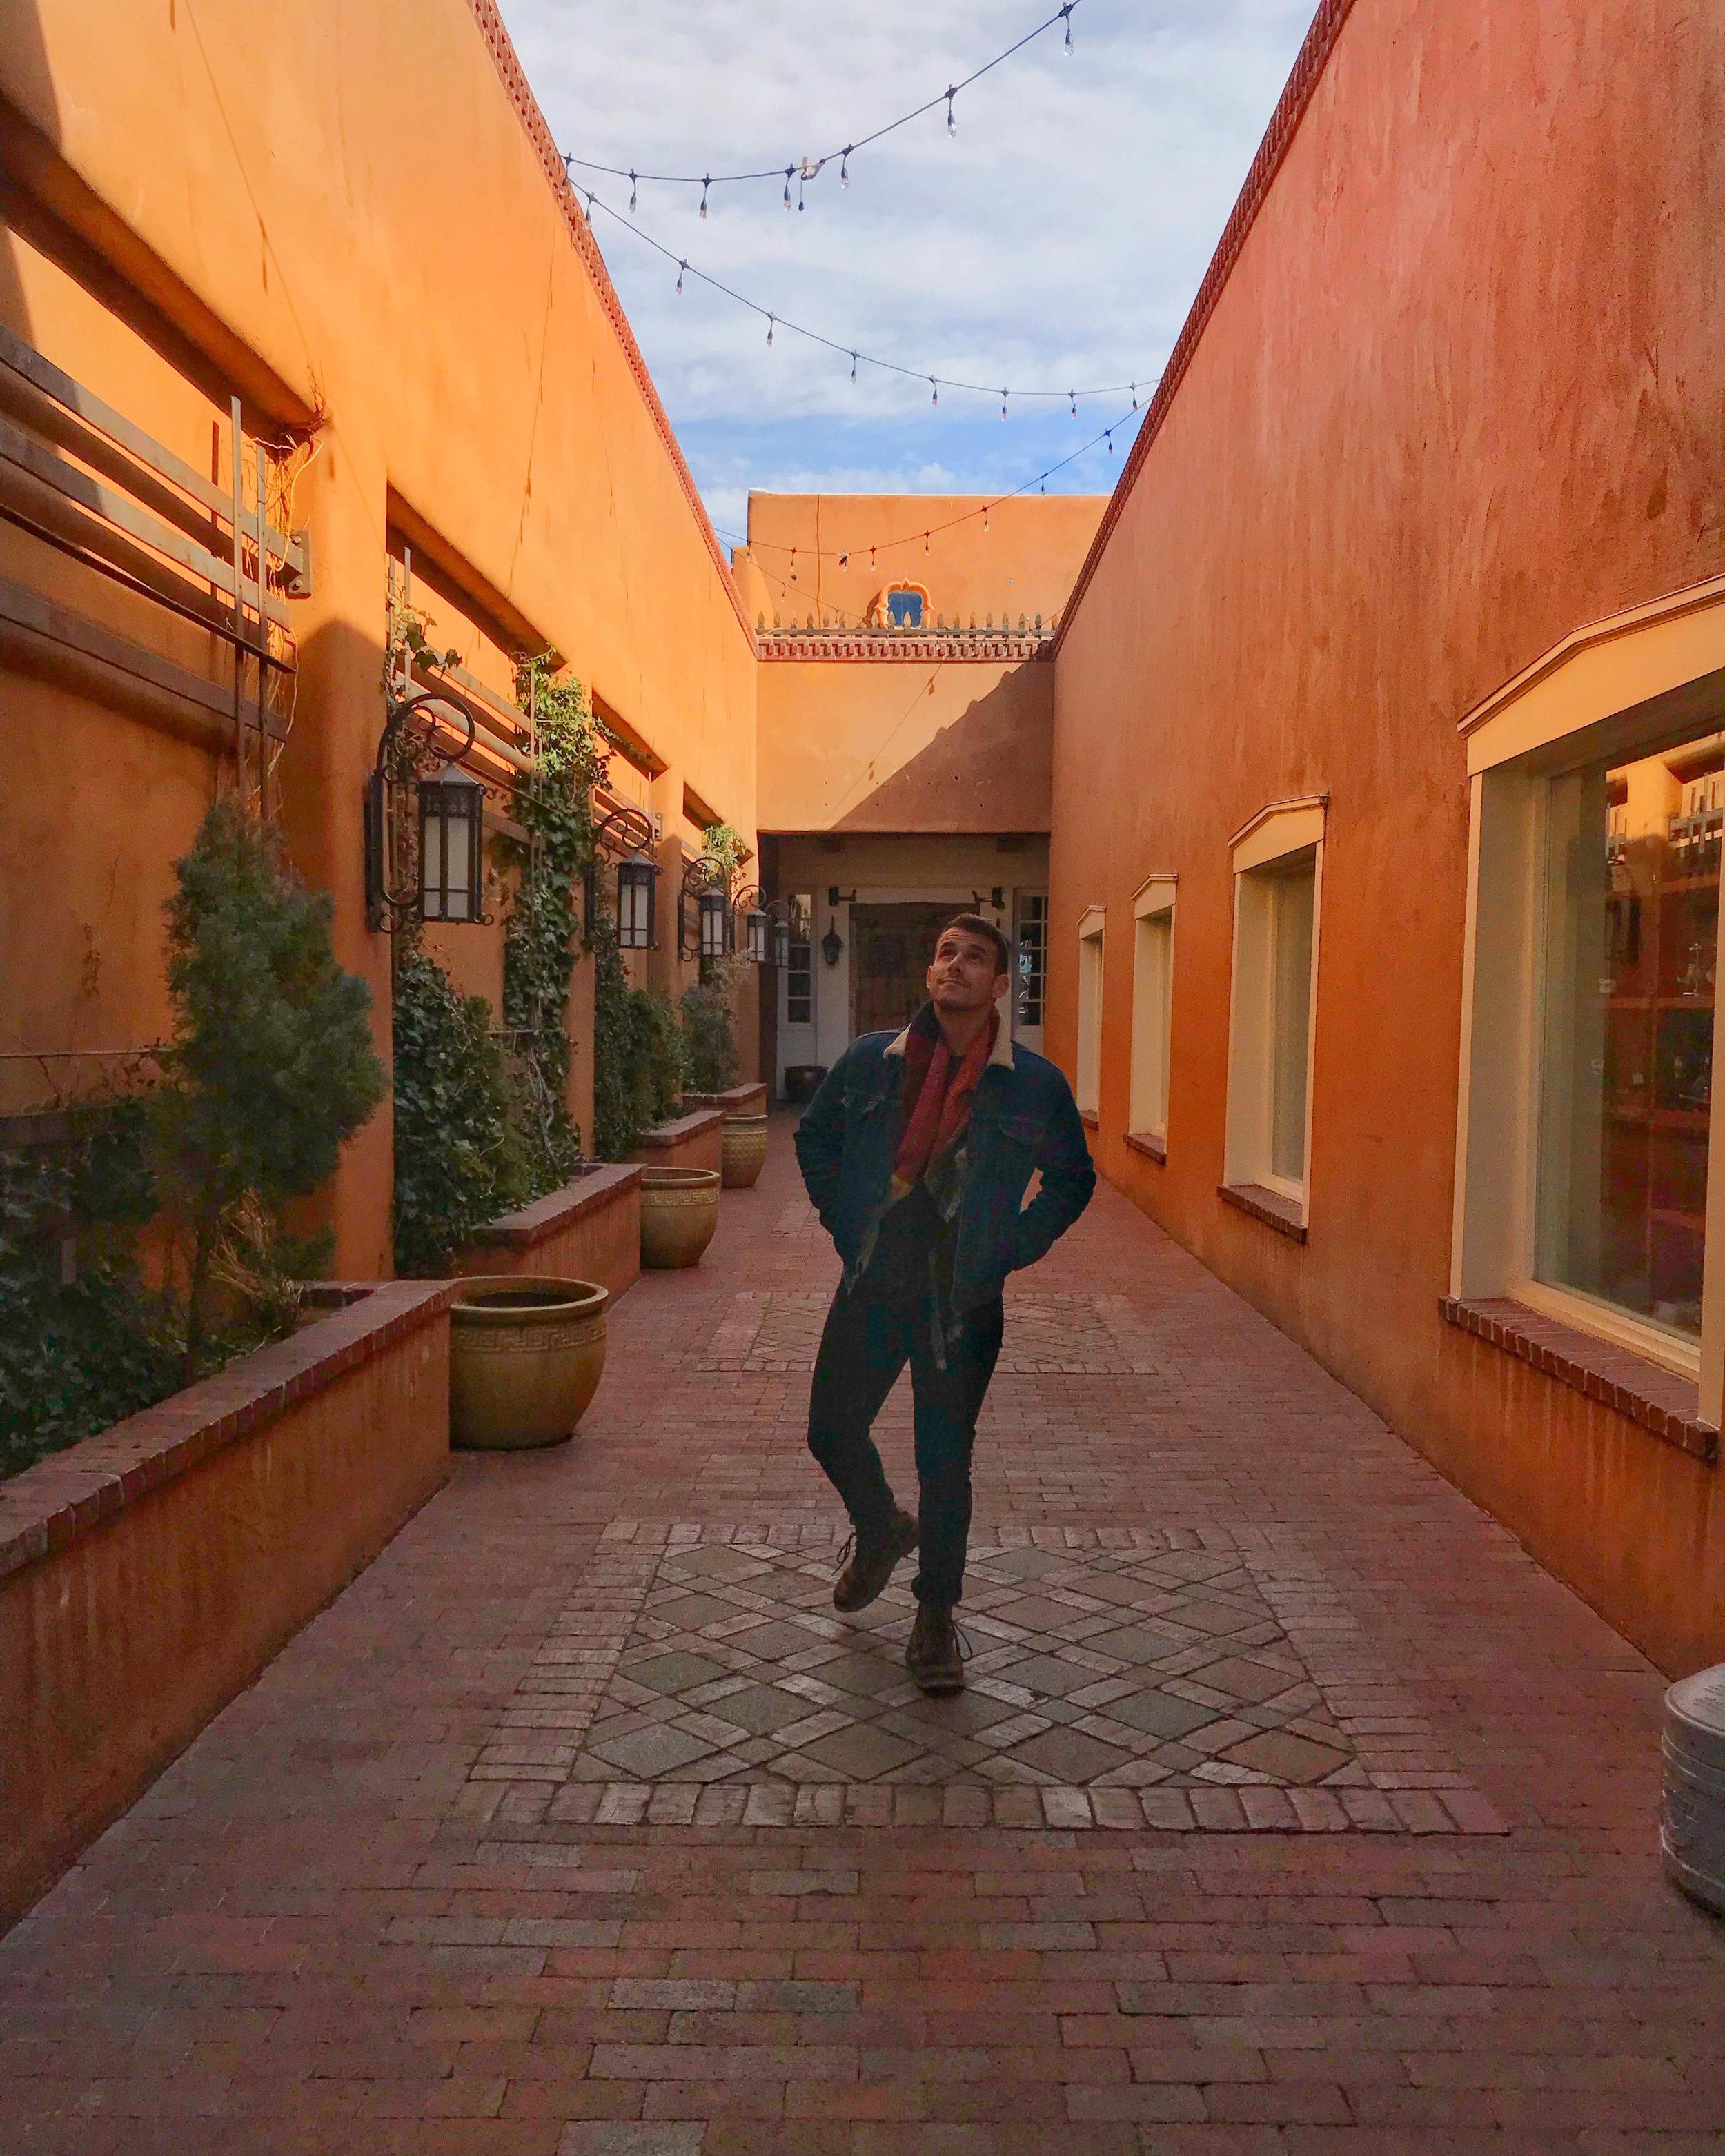 santa fe, new mexico travel